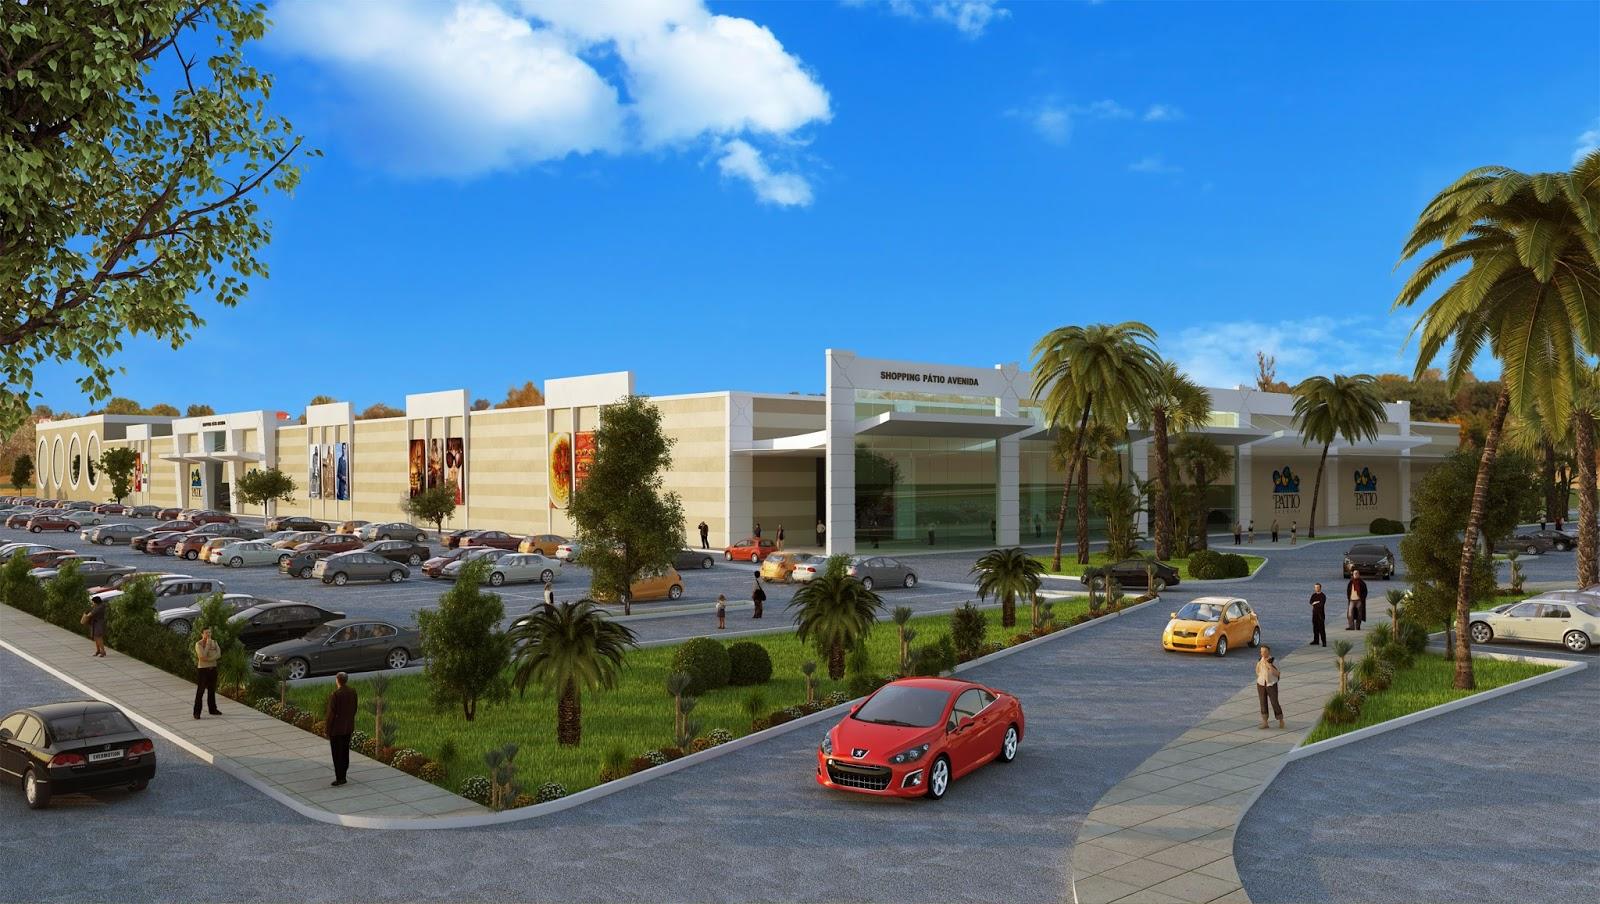 Lançada em Bacabal a construção do Shopping Pátio Avenida com mais de 100 lojas, incluindo cinema